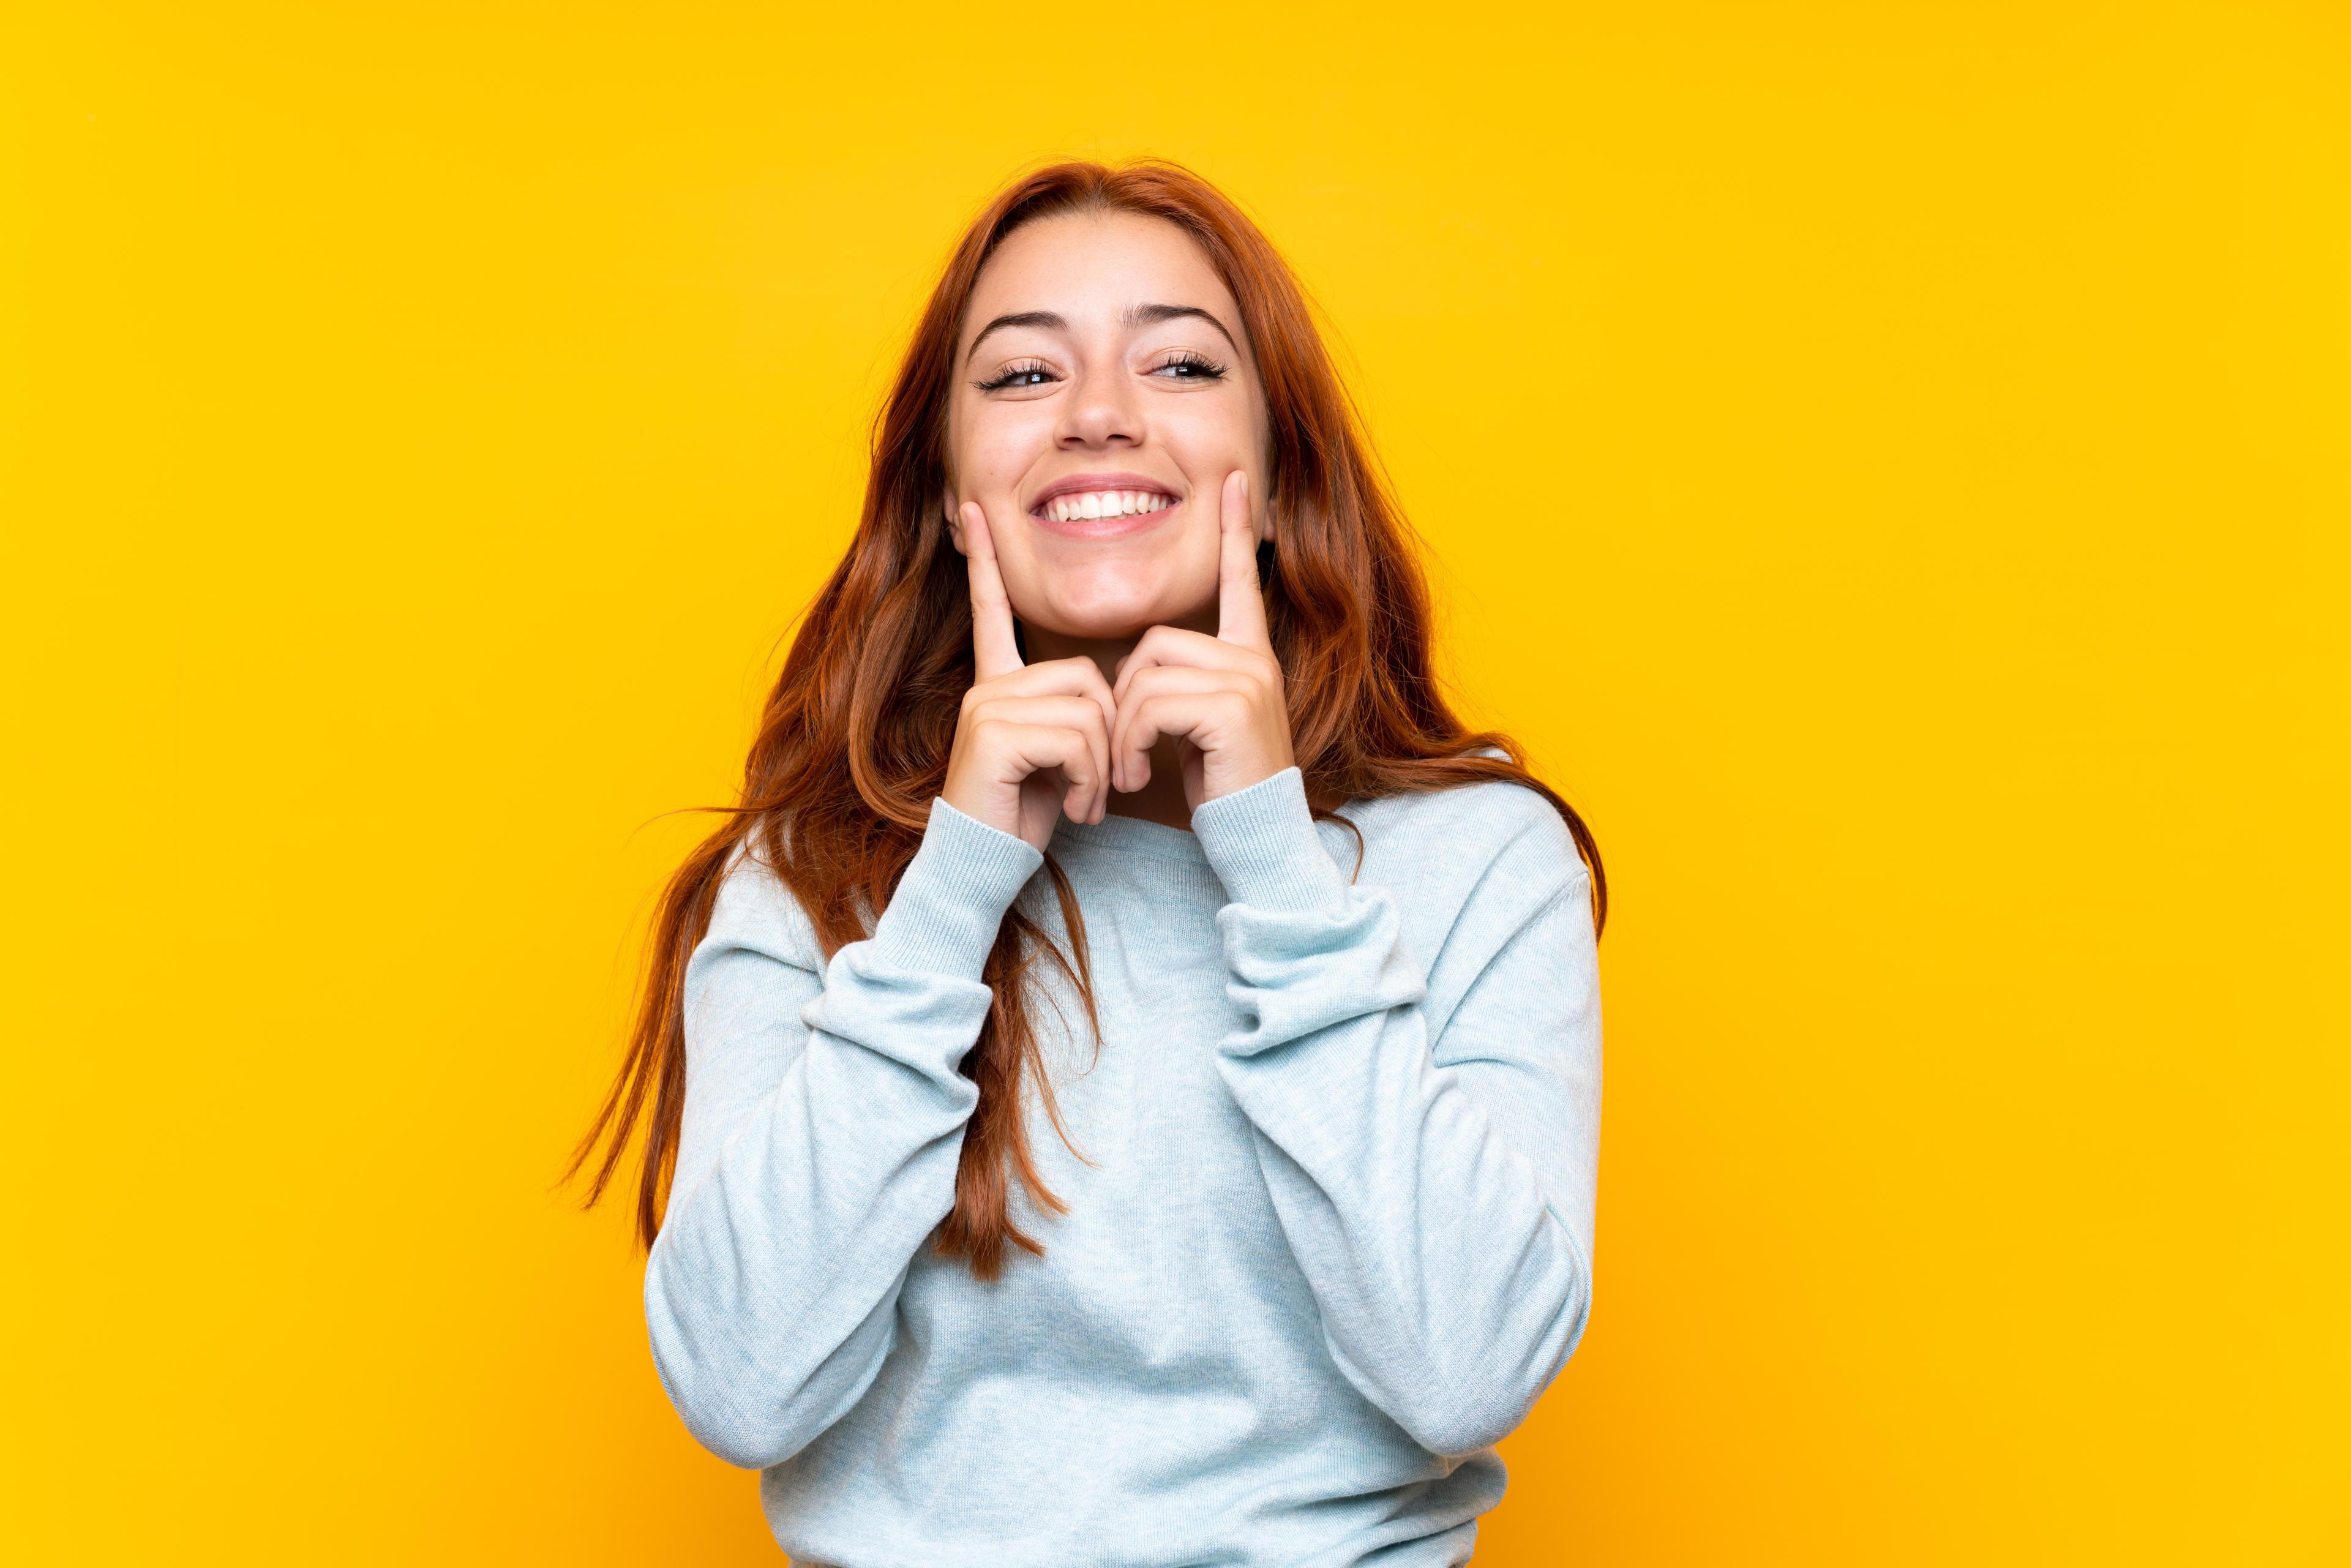 Where to buy dental insurance online